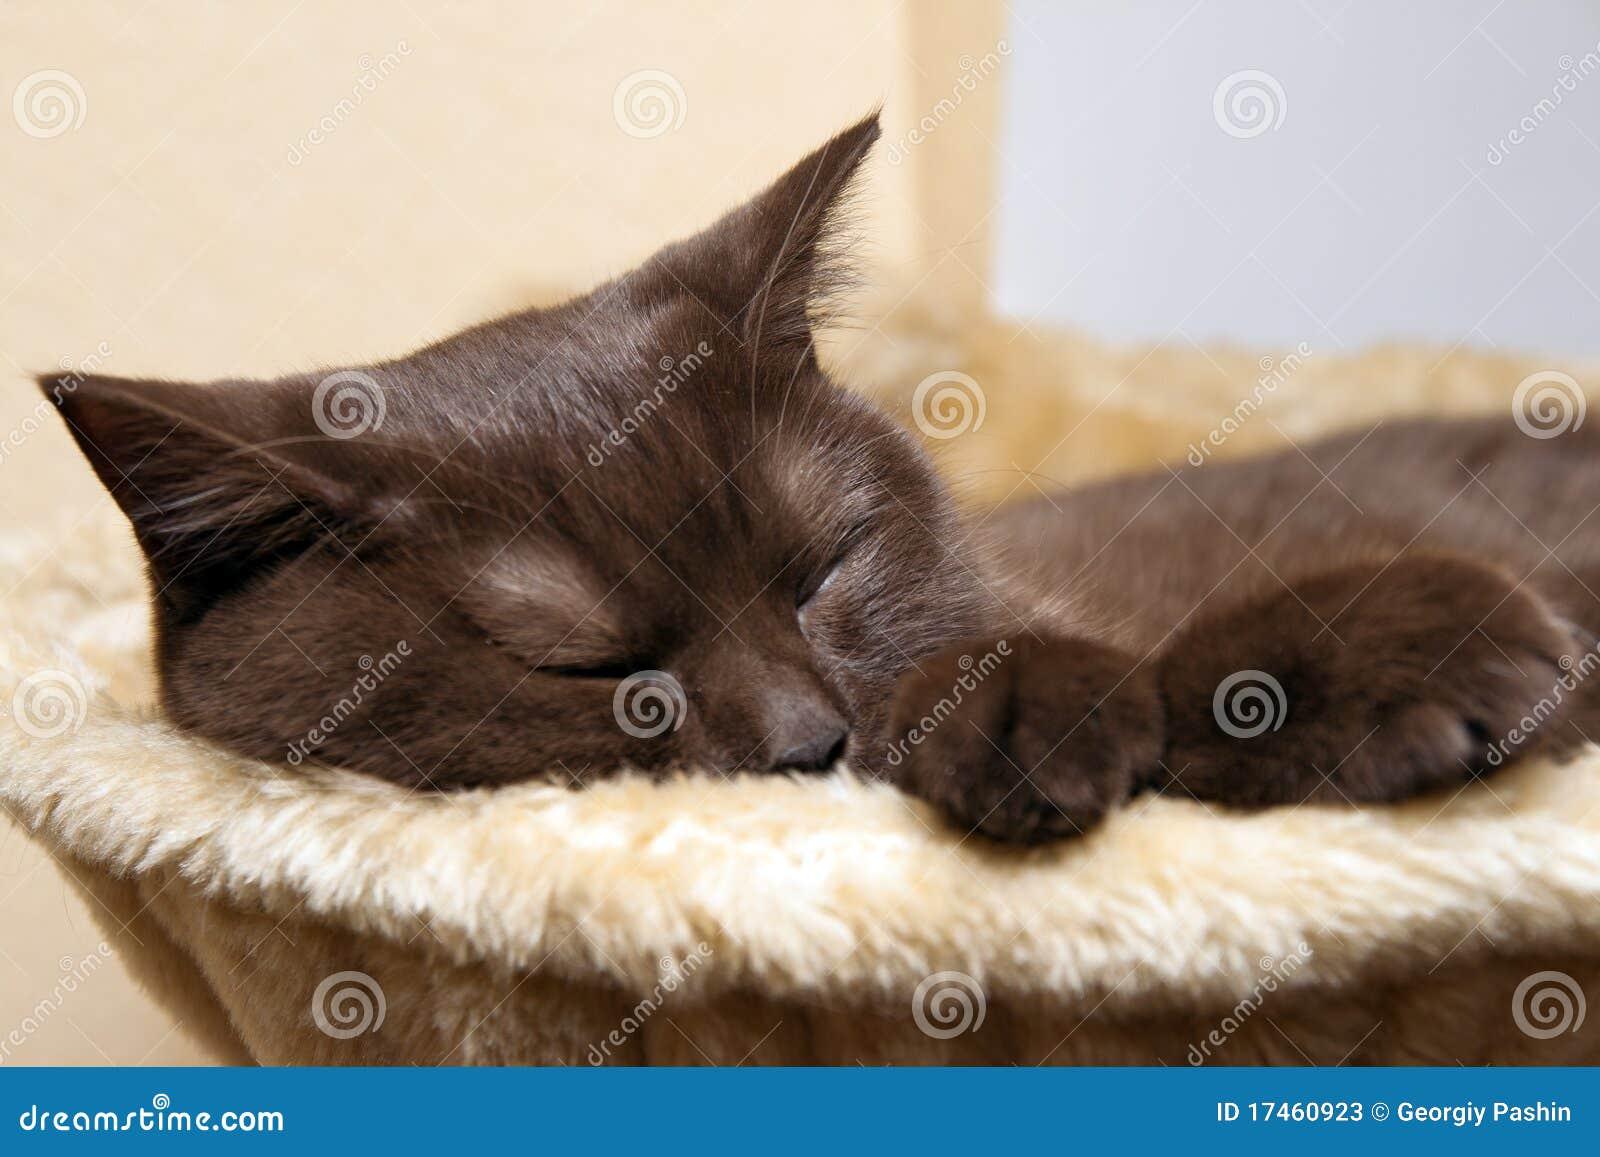 条记本休眠了怎样叫醒_手机休眠形态在哪设置_休眠